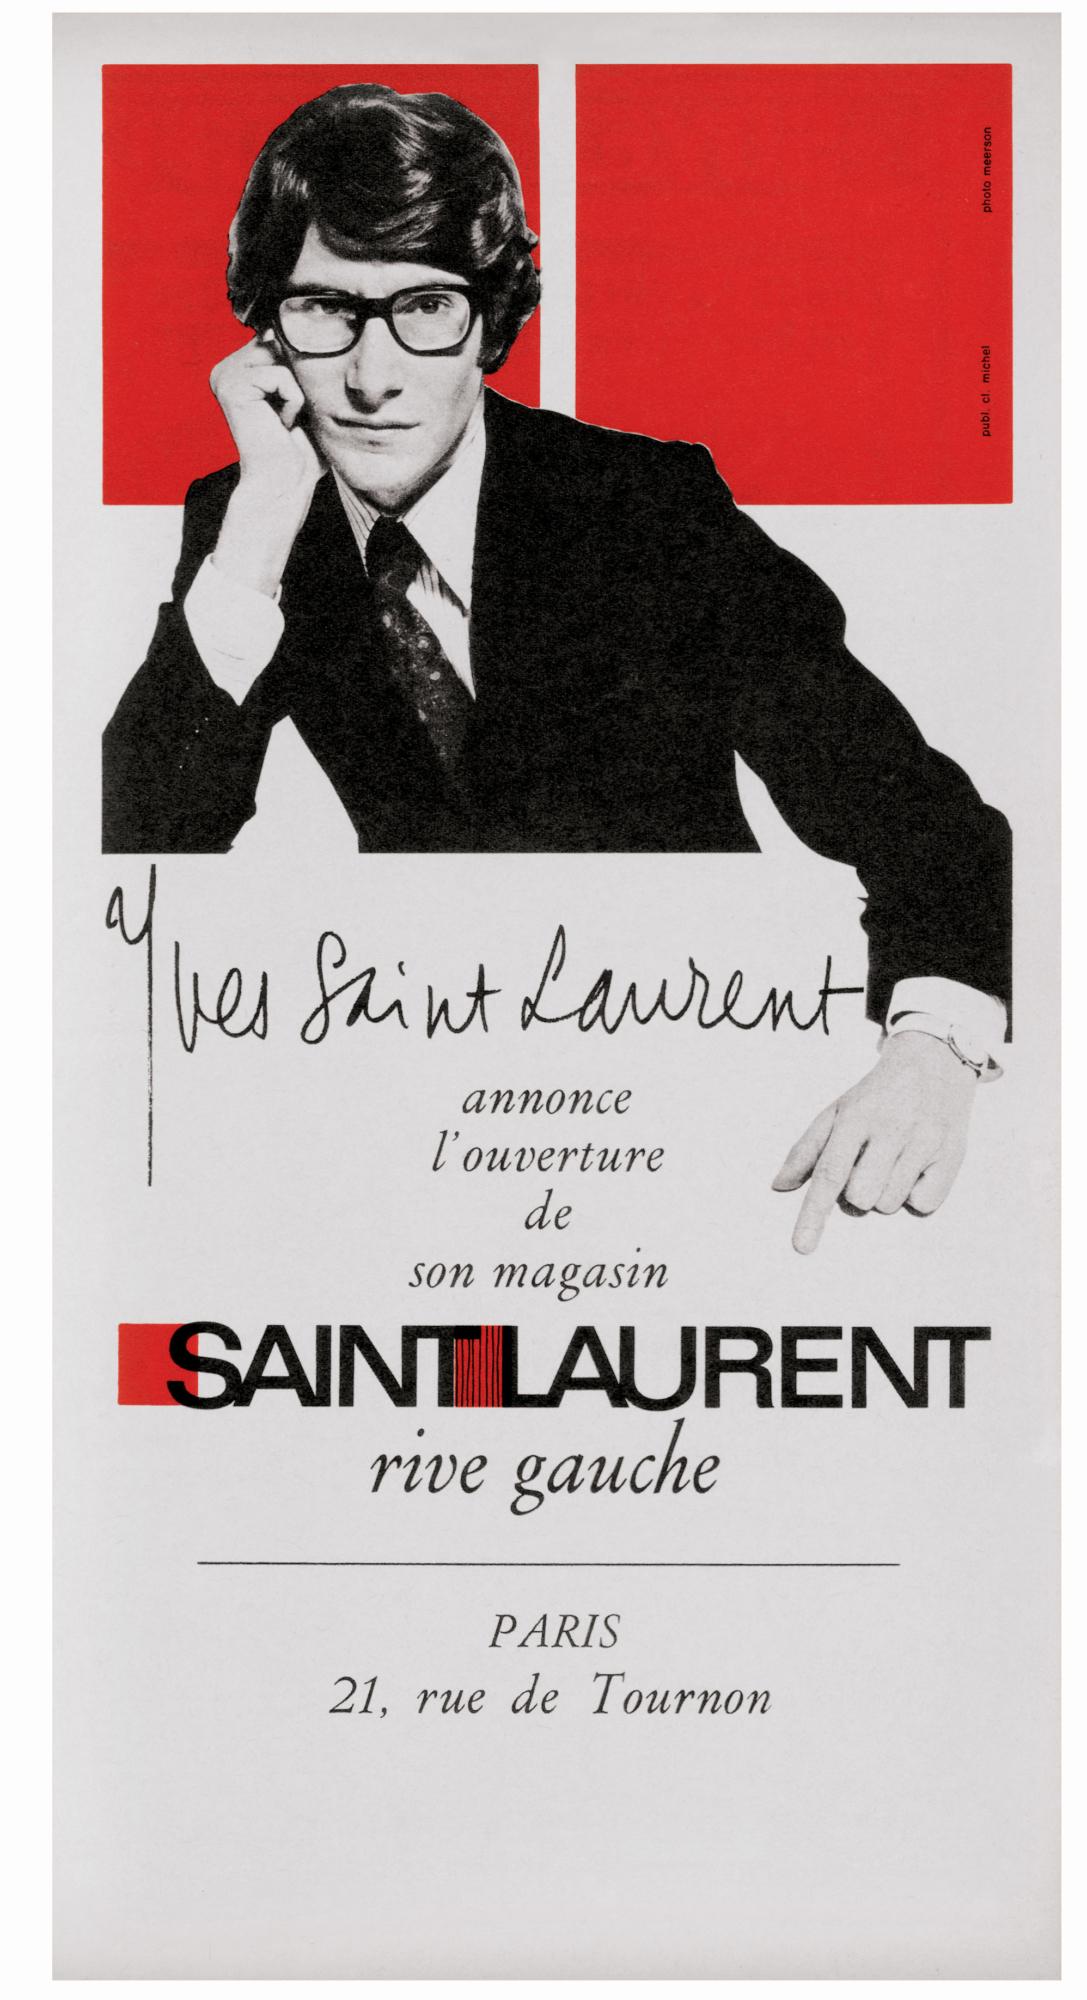 cc02bd66b45 SAINT LAURENT rive gauche - Musée Yves Saint Laurent Paris